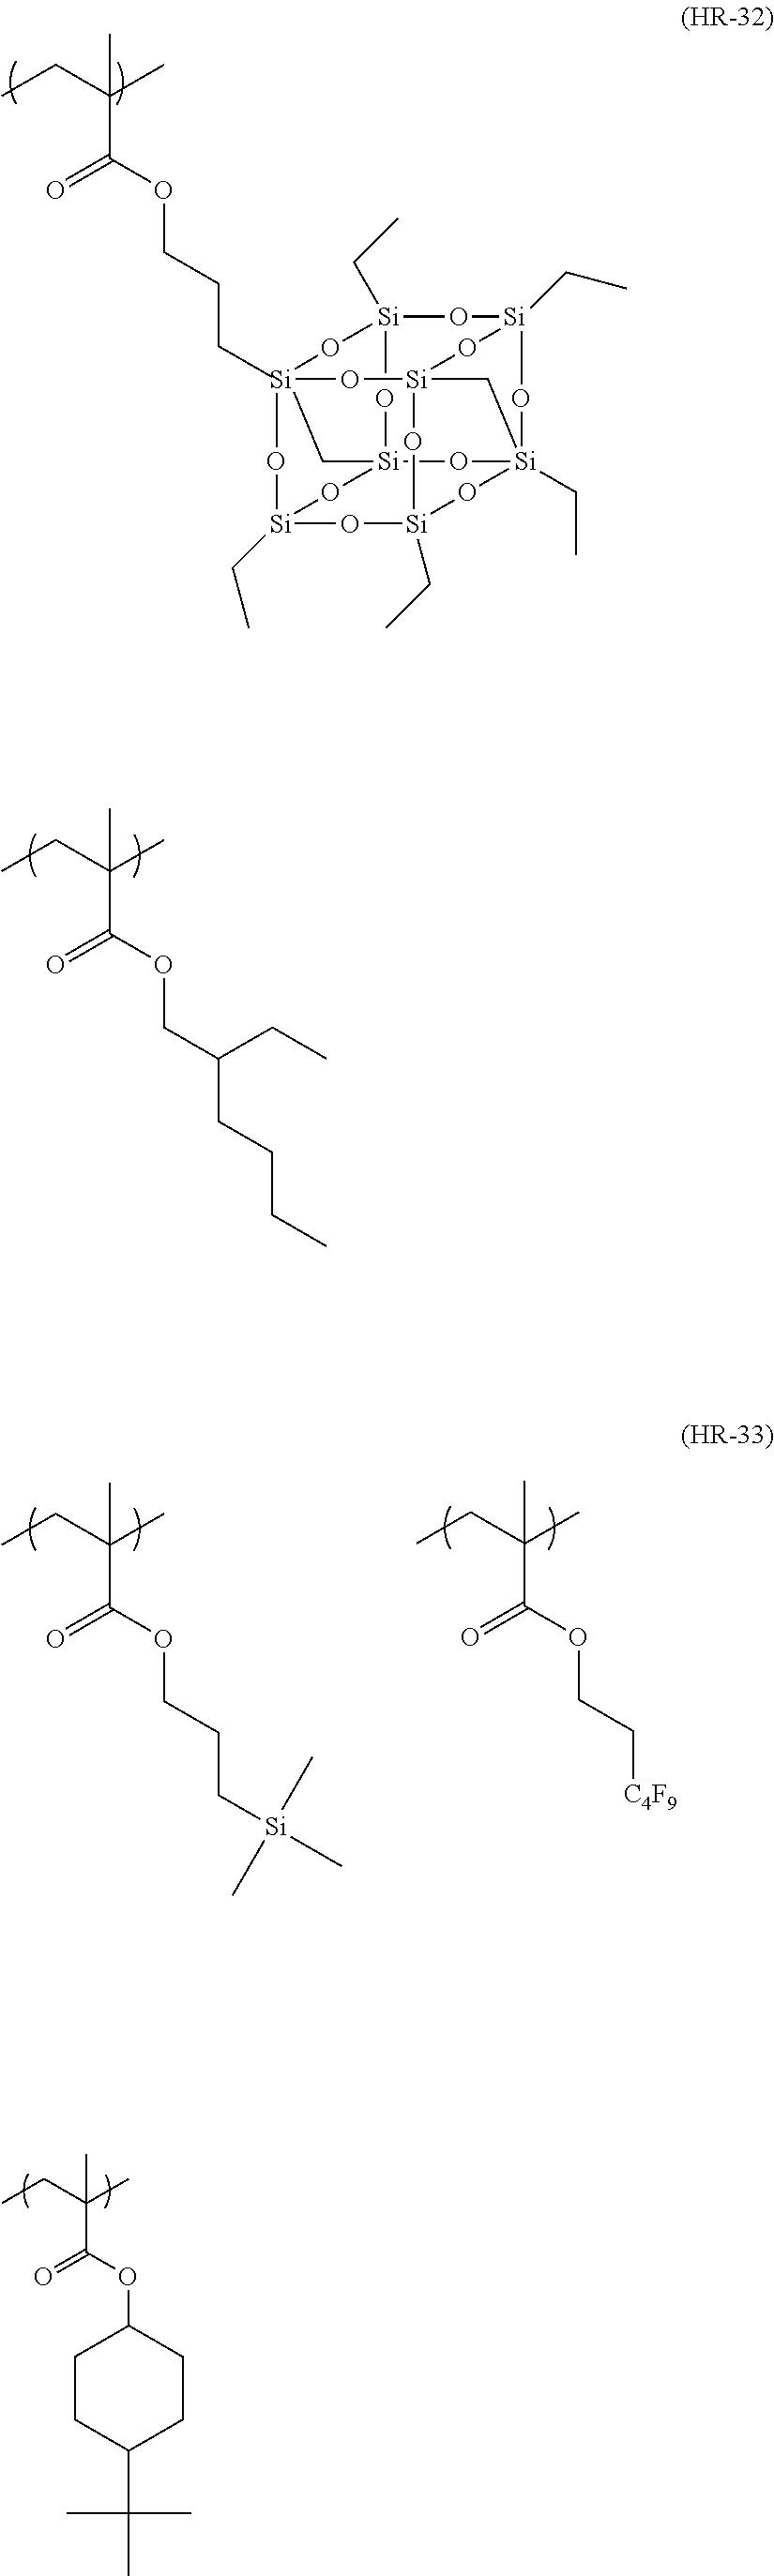 Figure US08404427-20130326-C00156